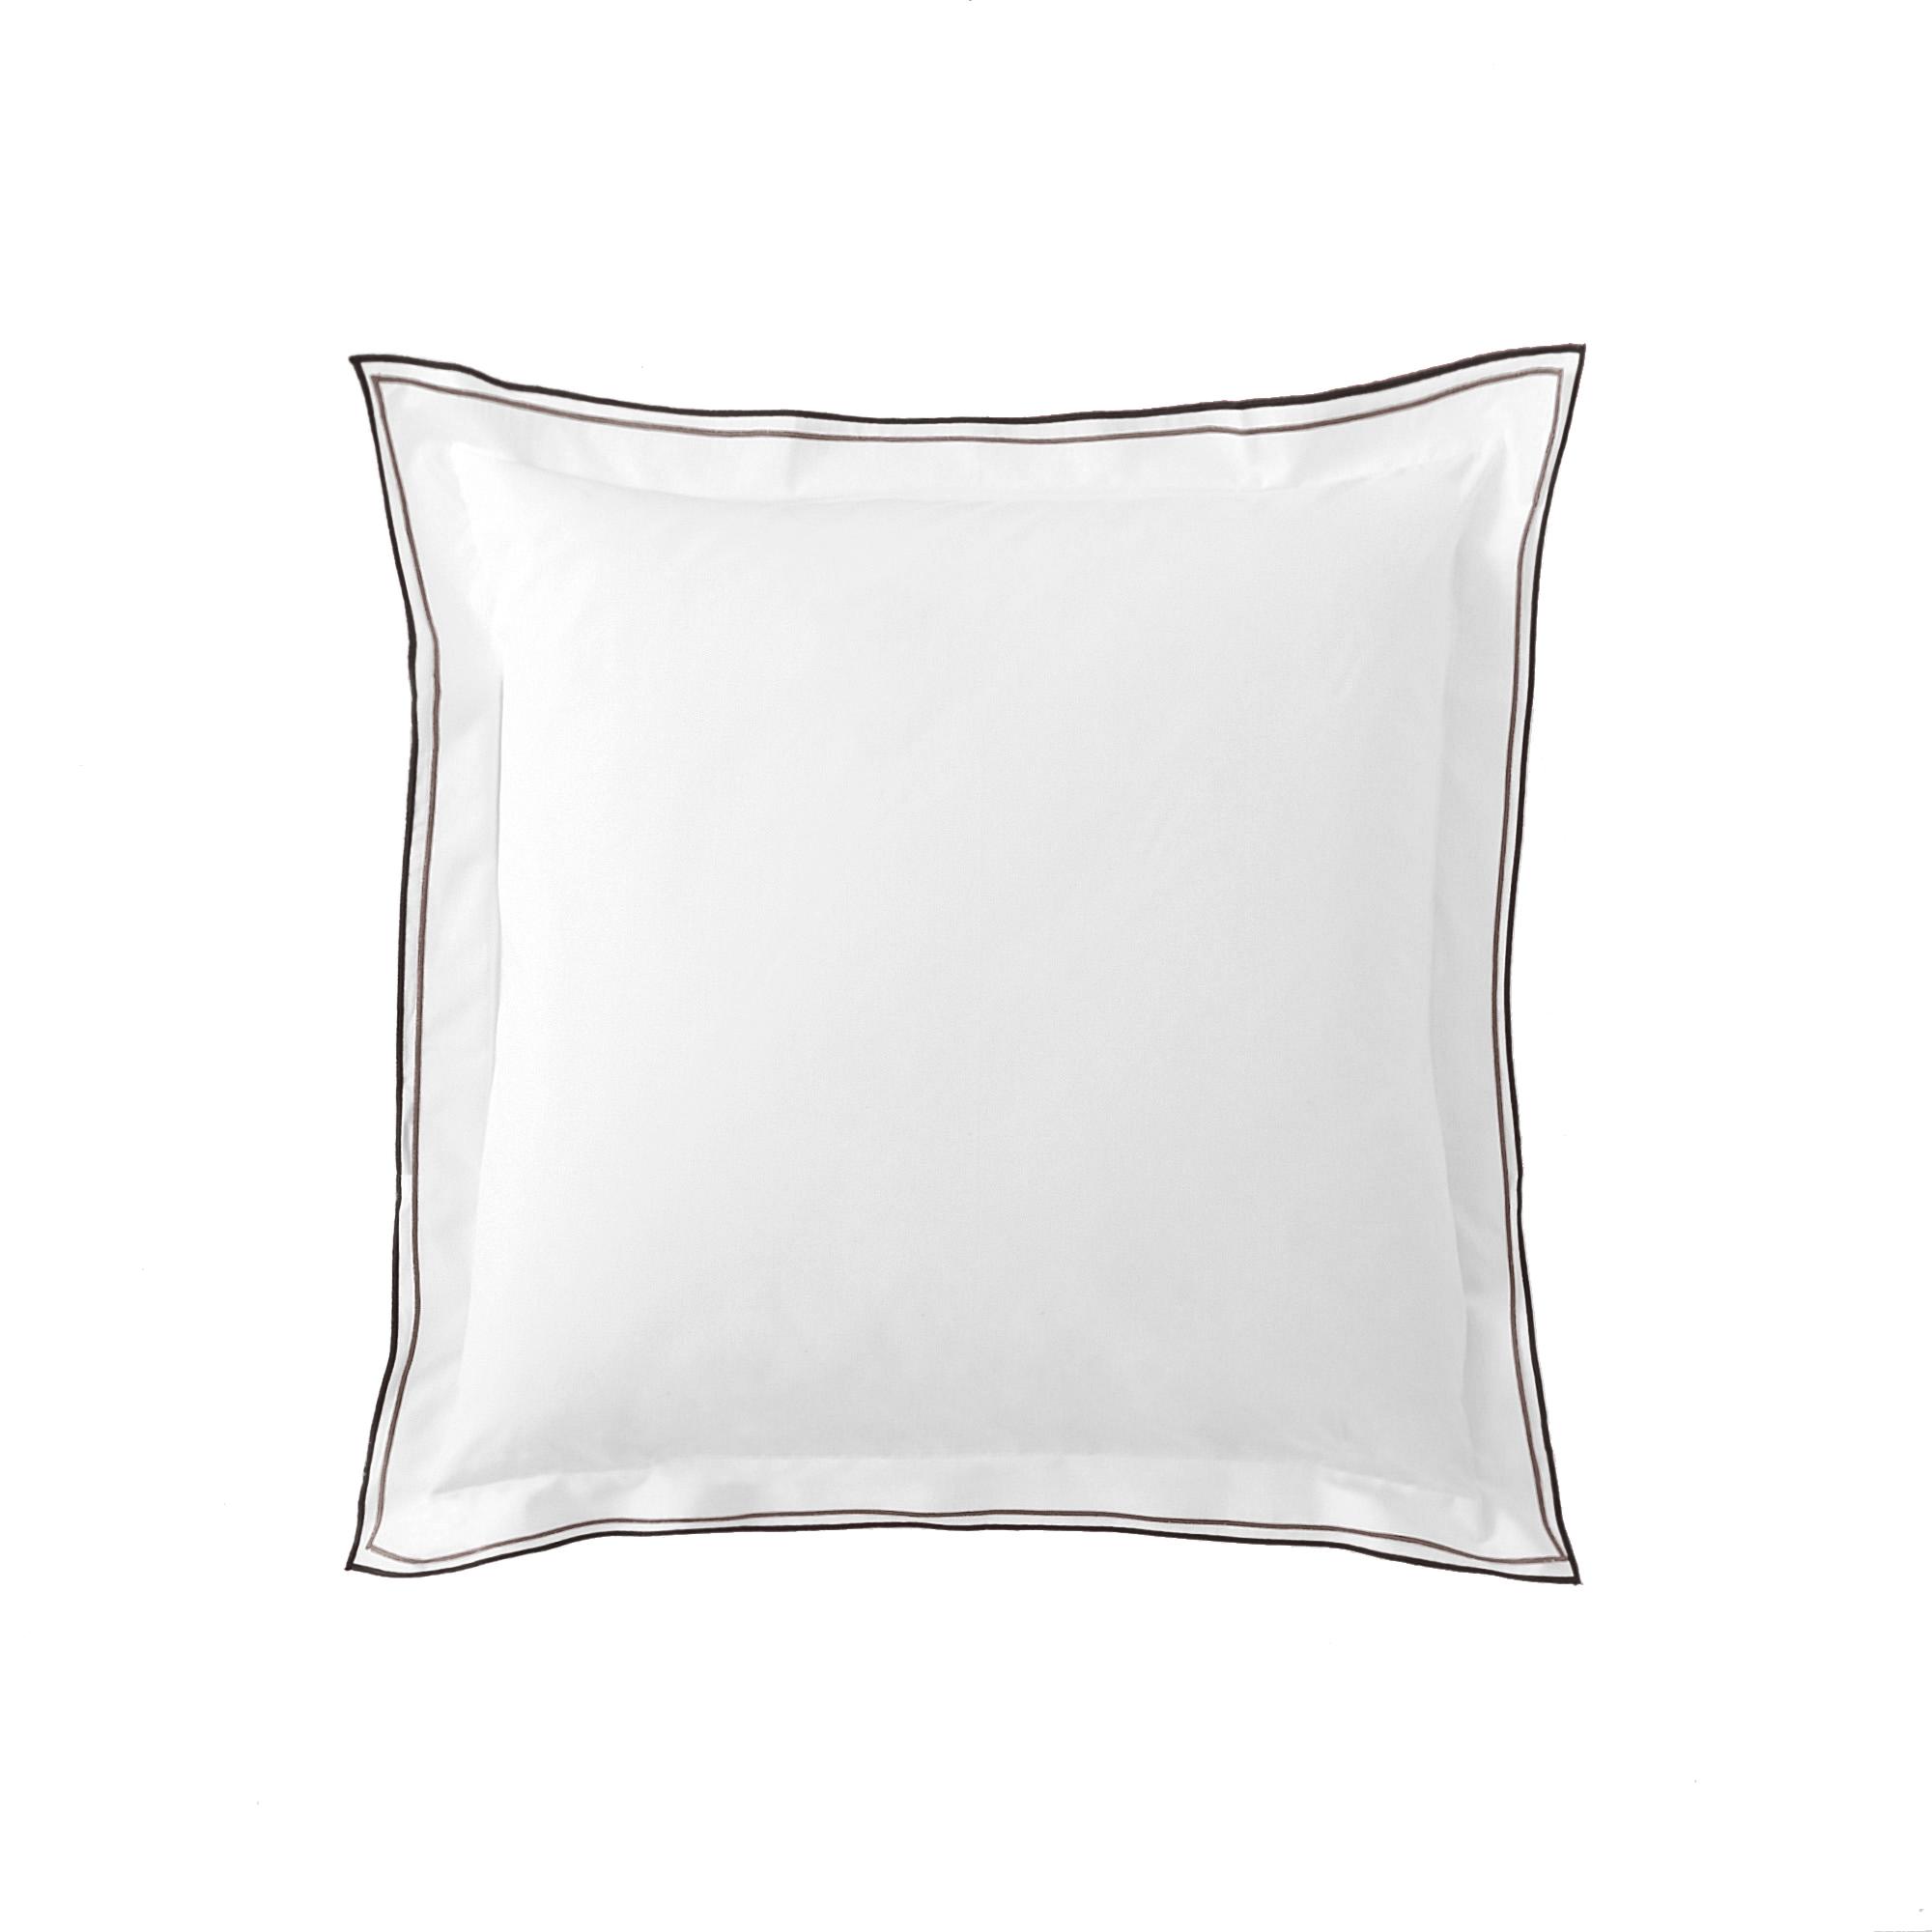 Taie d'oreiller unie en coton naturel 64x64